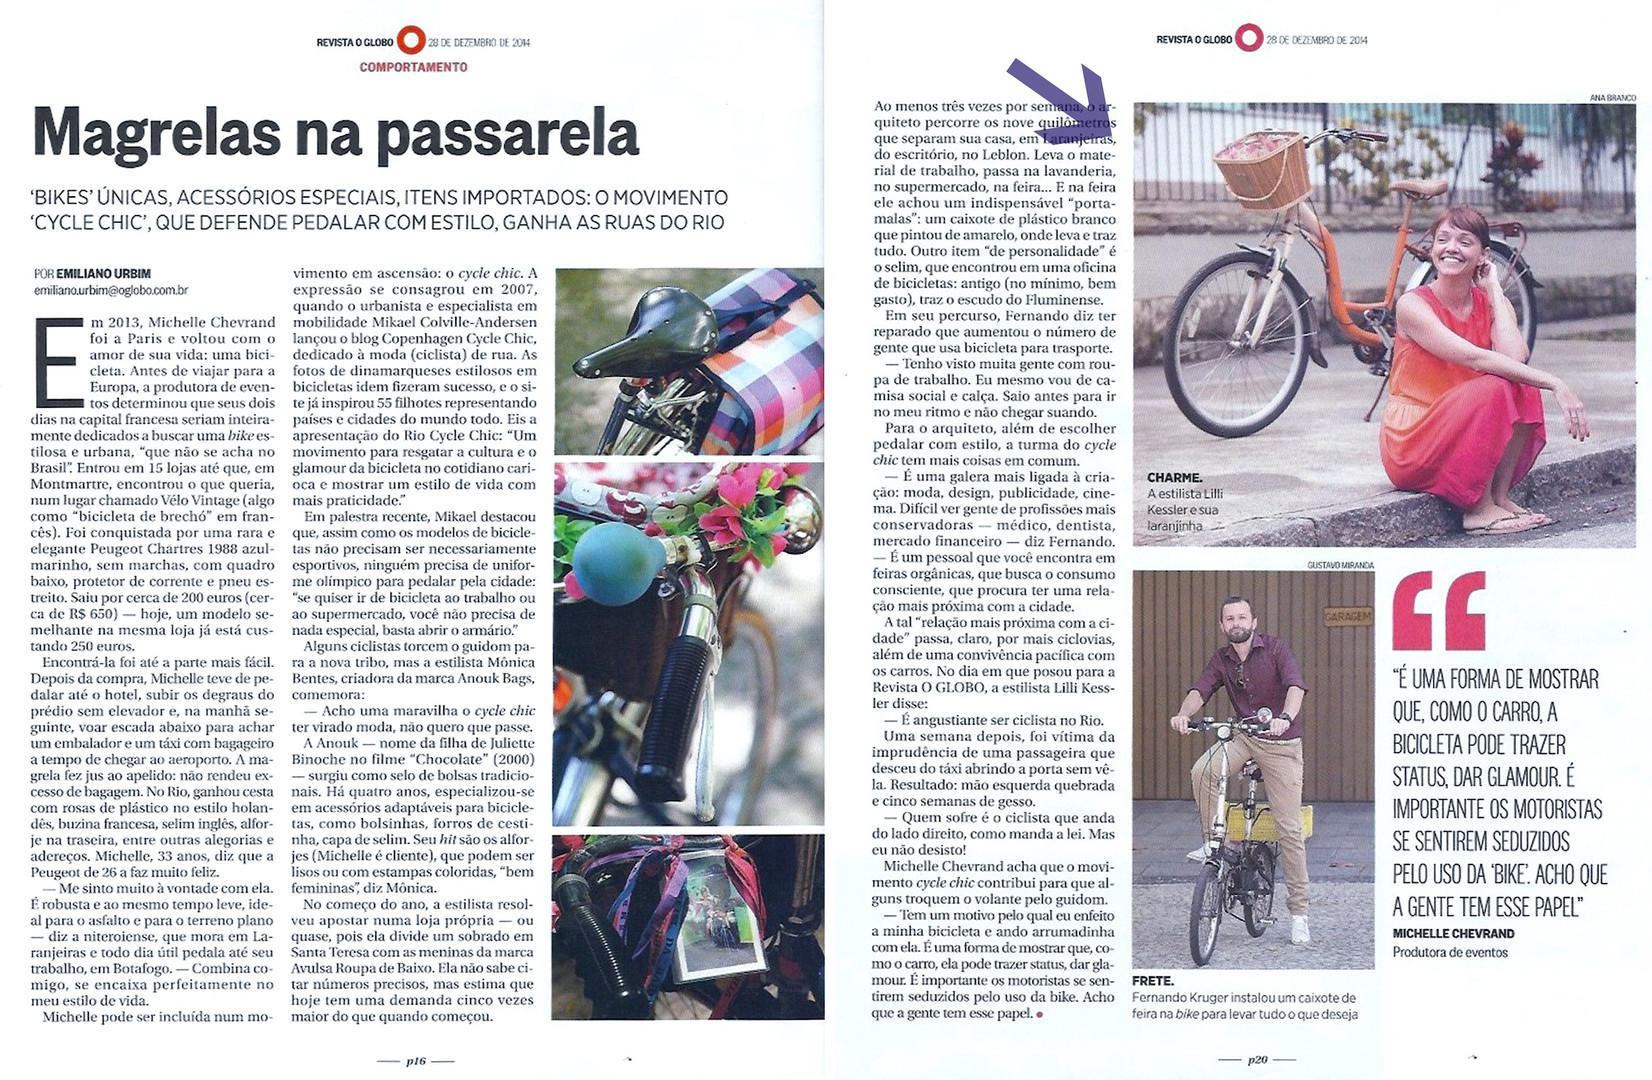 materia bike laranja lilli revista globo